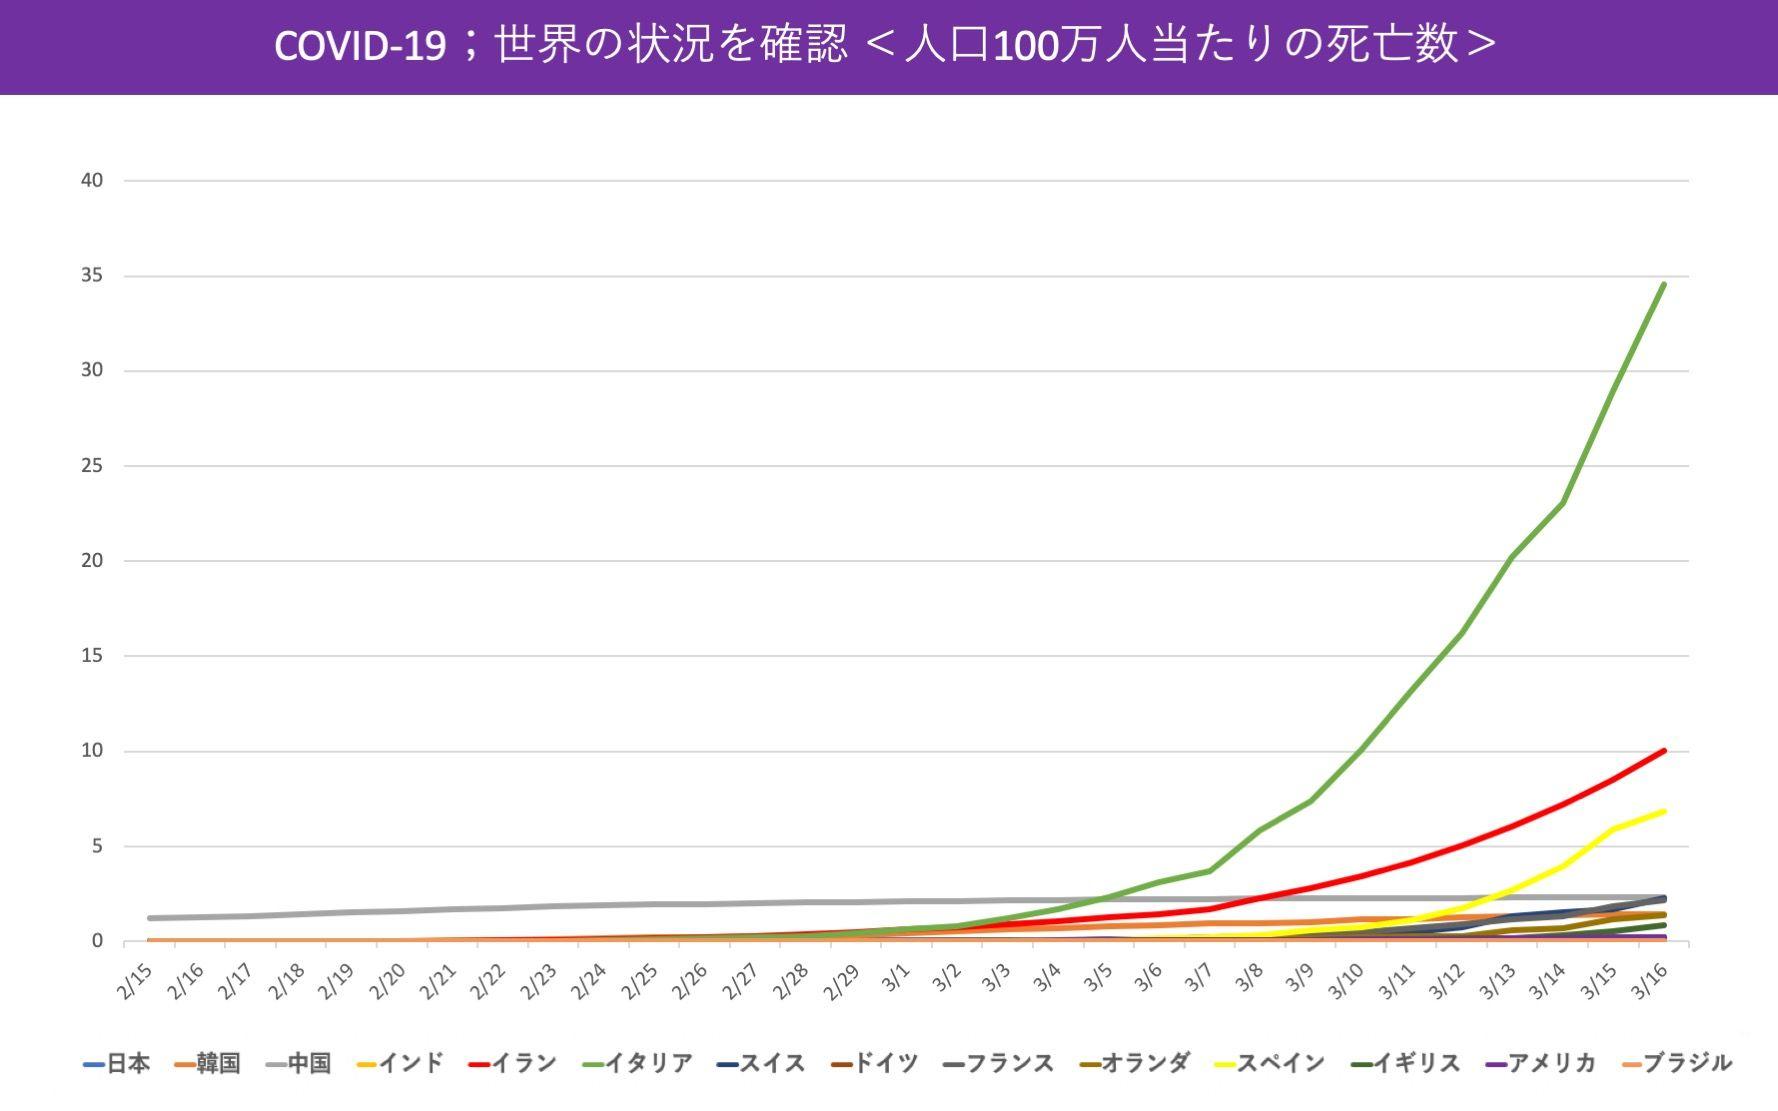 国別のCOVID-19による人口100万人当たりの死亡数グラフ